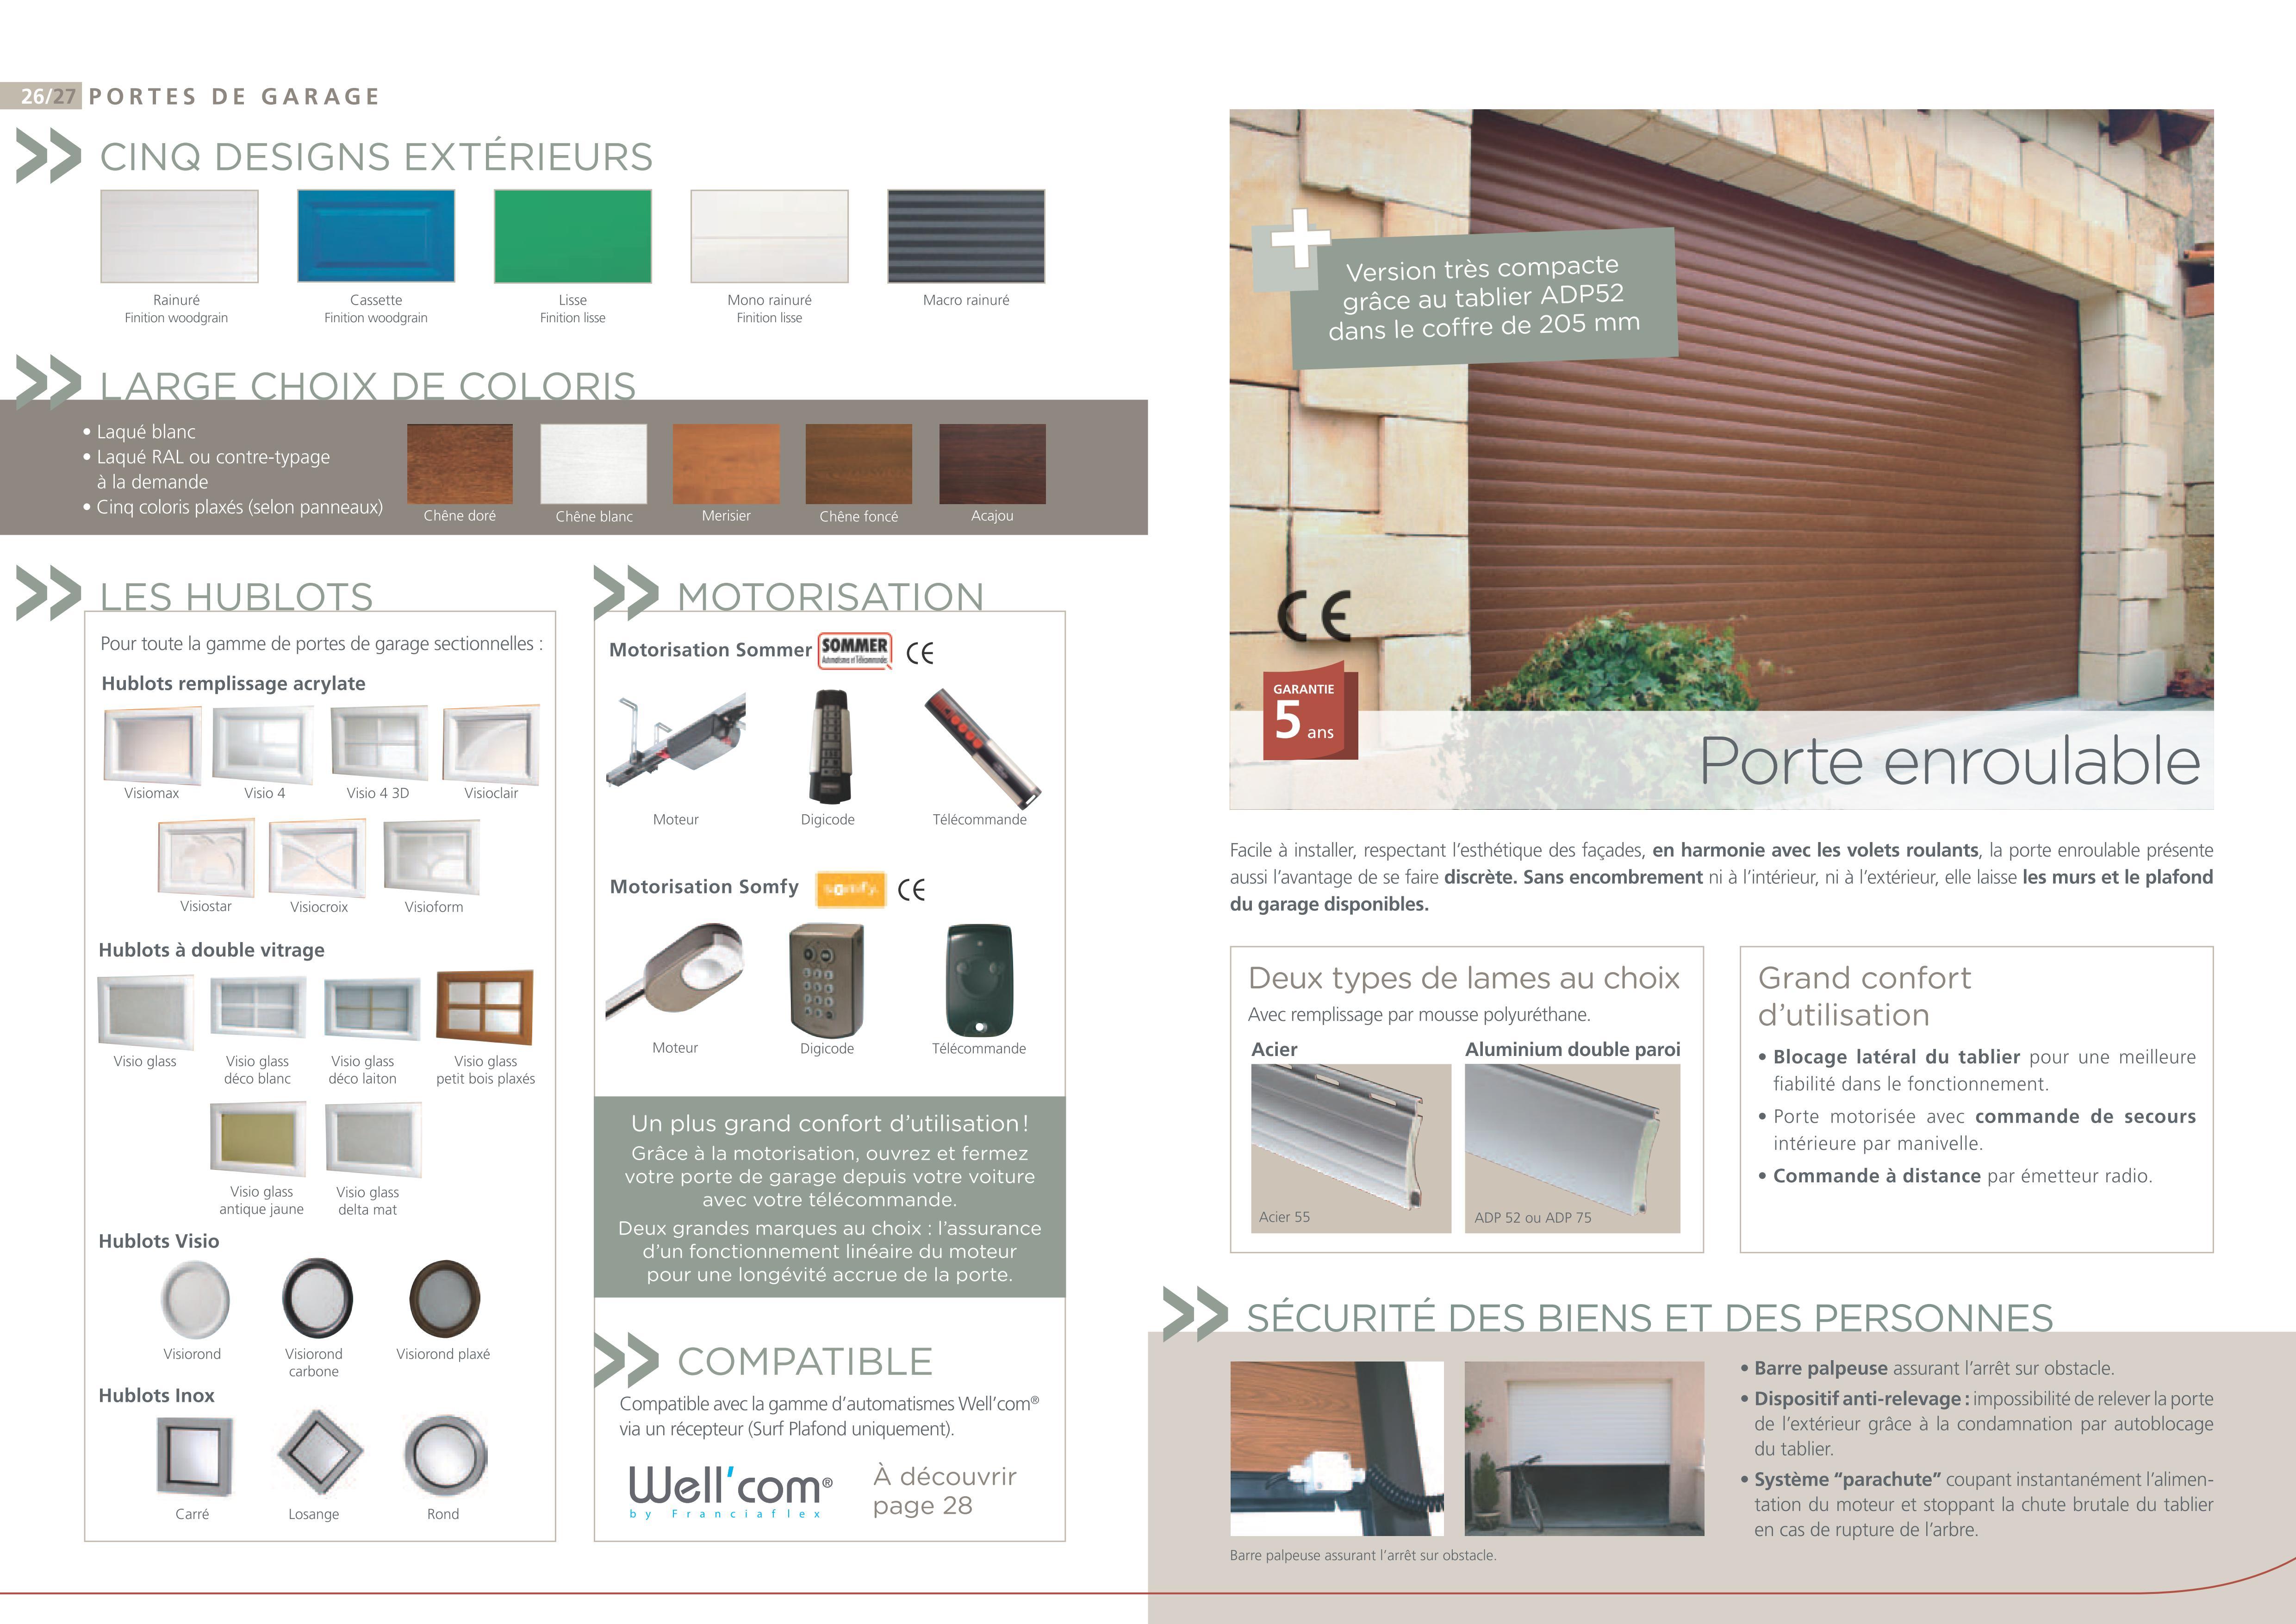 porte de garage mko services eurl. Black Bedroom Furniture Sets. Home Design Ideas